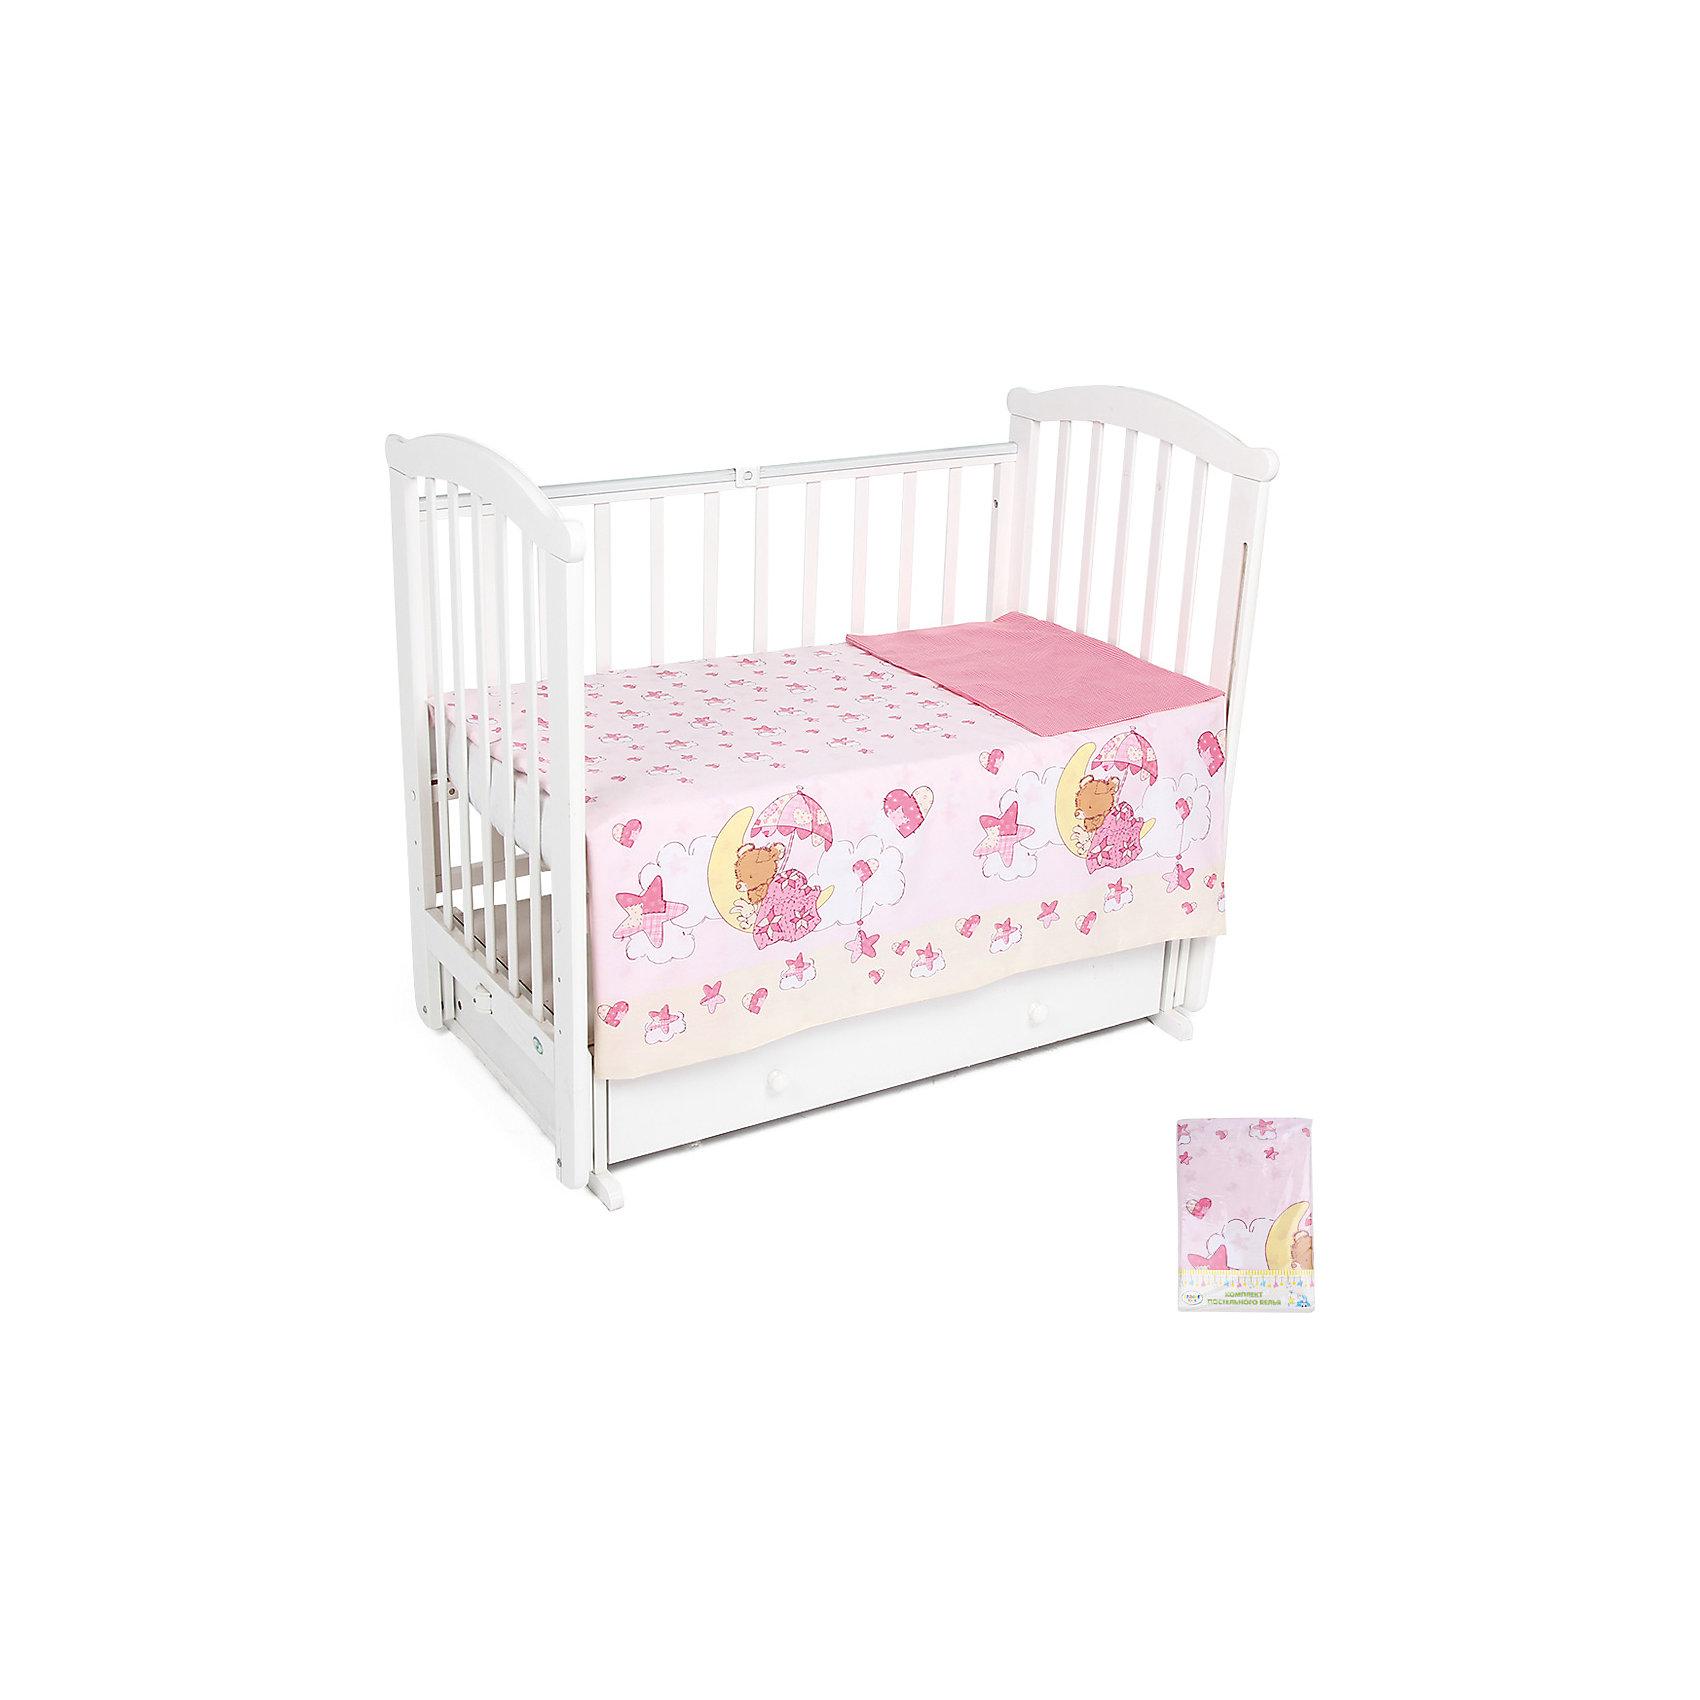 Постельное белье Мишкин сон 3 пред., Leader kids, розовыйУдобное правильно подобранное постельное белье - это залог крепкого сна ребенка и его хорошего самочувствия. Но постельное белье может при этом быть еще и красивым!<br>Этот набор выполнен из высококачественного гипоаллергенного материала - хлопка. Он приятен на ощупь, позволяет коже дышать, безопасен для детей. В этот комплект входит: простынь, наволочка, пододеяльник. Размер - стандартный, удобно заправляется. Изделие имеет приятную расцветку, декорировано симпатичным принтом. Подойдет к интерьеру различной расцветки.<br><br>Дополнительная информация:<br><br>материал: бязь (хлопок 100%);<br>наволочка: 40x60 см;<br>пододеяльник: 110x140 см;<br>простыня: 90x150 см;<br>принт;<br>цвет: розовый.<br><br>Постельное белье Мишкин сон 3 пред. от компании Leader kids можно купить в нашем магазине.<br><br>Ширина мм: 370<br>Глубина мм: 200<br>Высота мм: 2700<br>Вес г: 1500<br>Возраст от месяцев: 0<br>Возраст до месяцев: 36<br>Пол: Женский<br>Возраст: Детский<br>SKU: 4778547